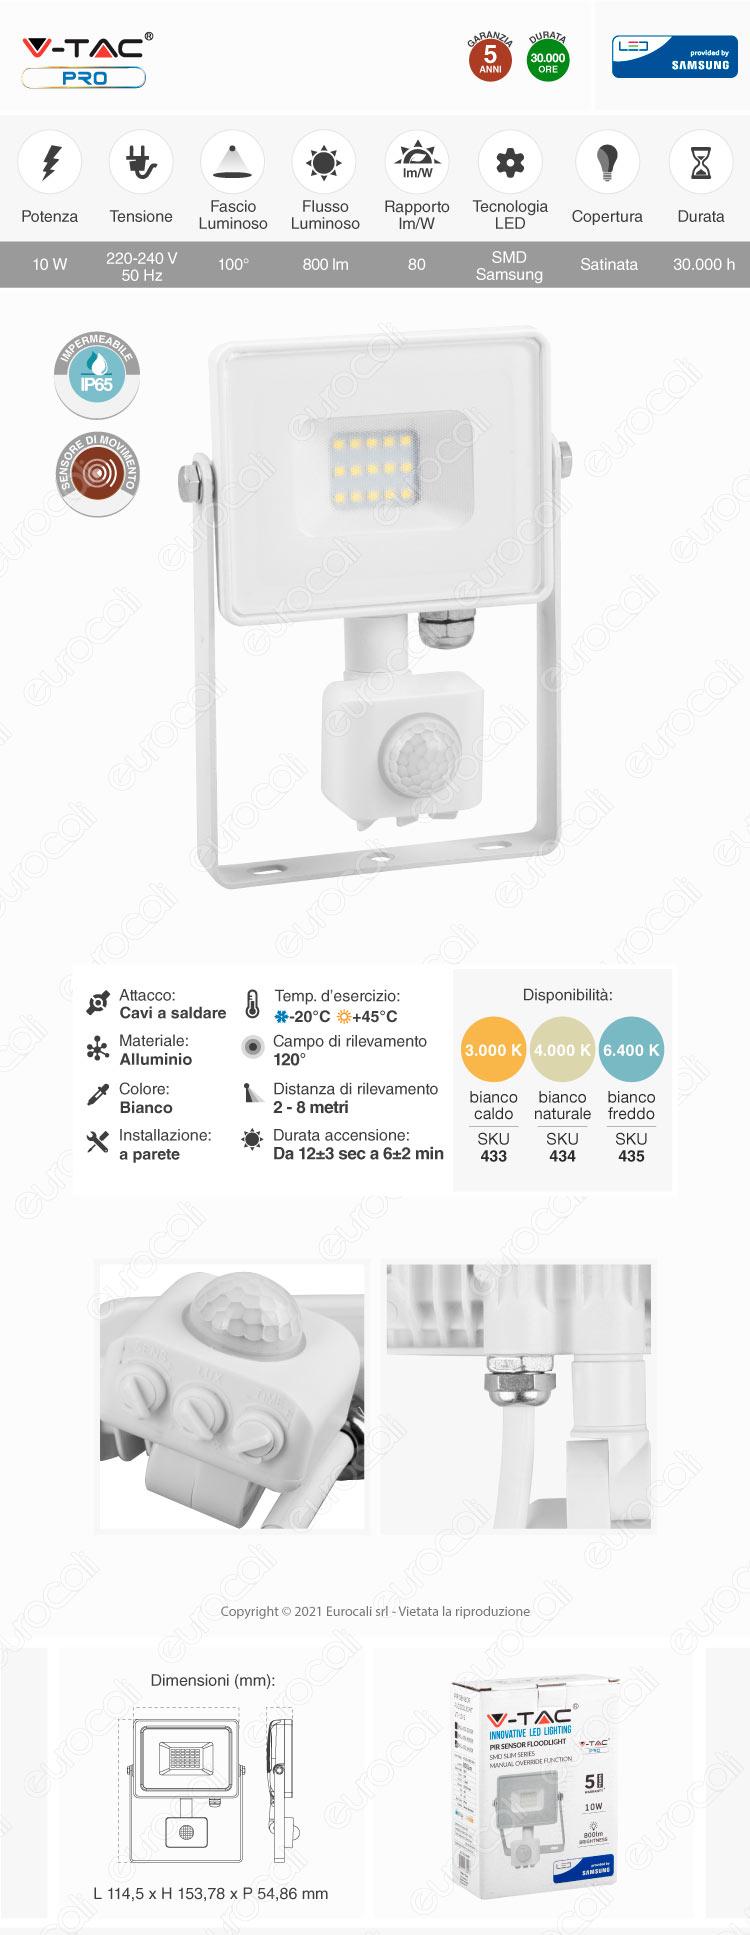 V-Tac PRO VT-10-S Faretto LED 10W Ultra Sottile Slim Chip Samsung con Sensore Colore Nero